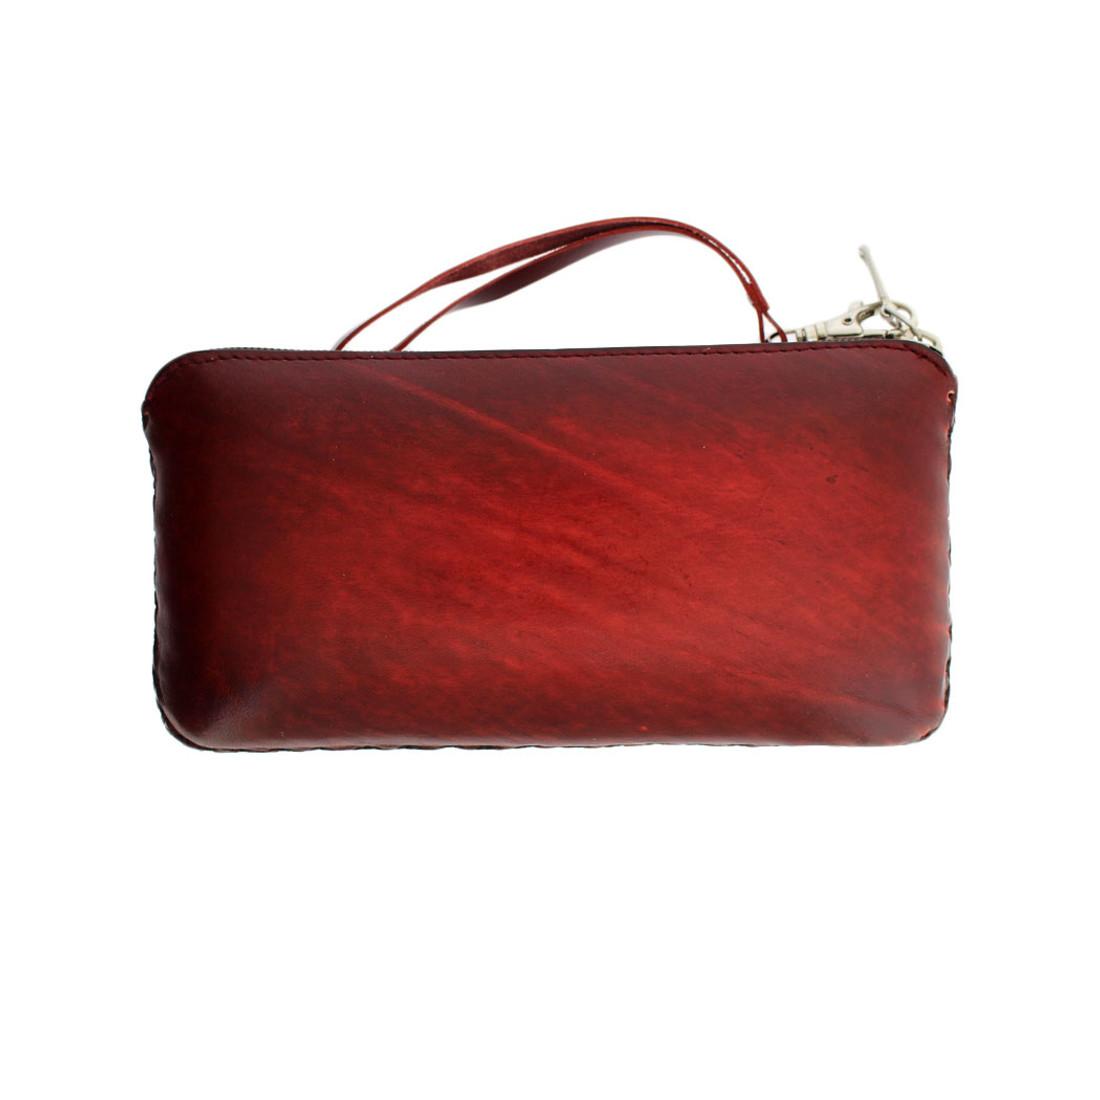 Butterfly Flower Leather Wallet Clutch or Wristlet